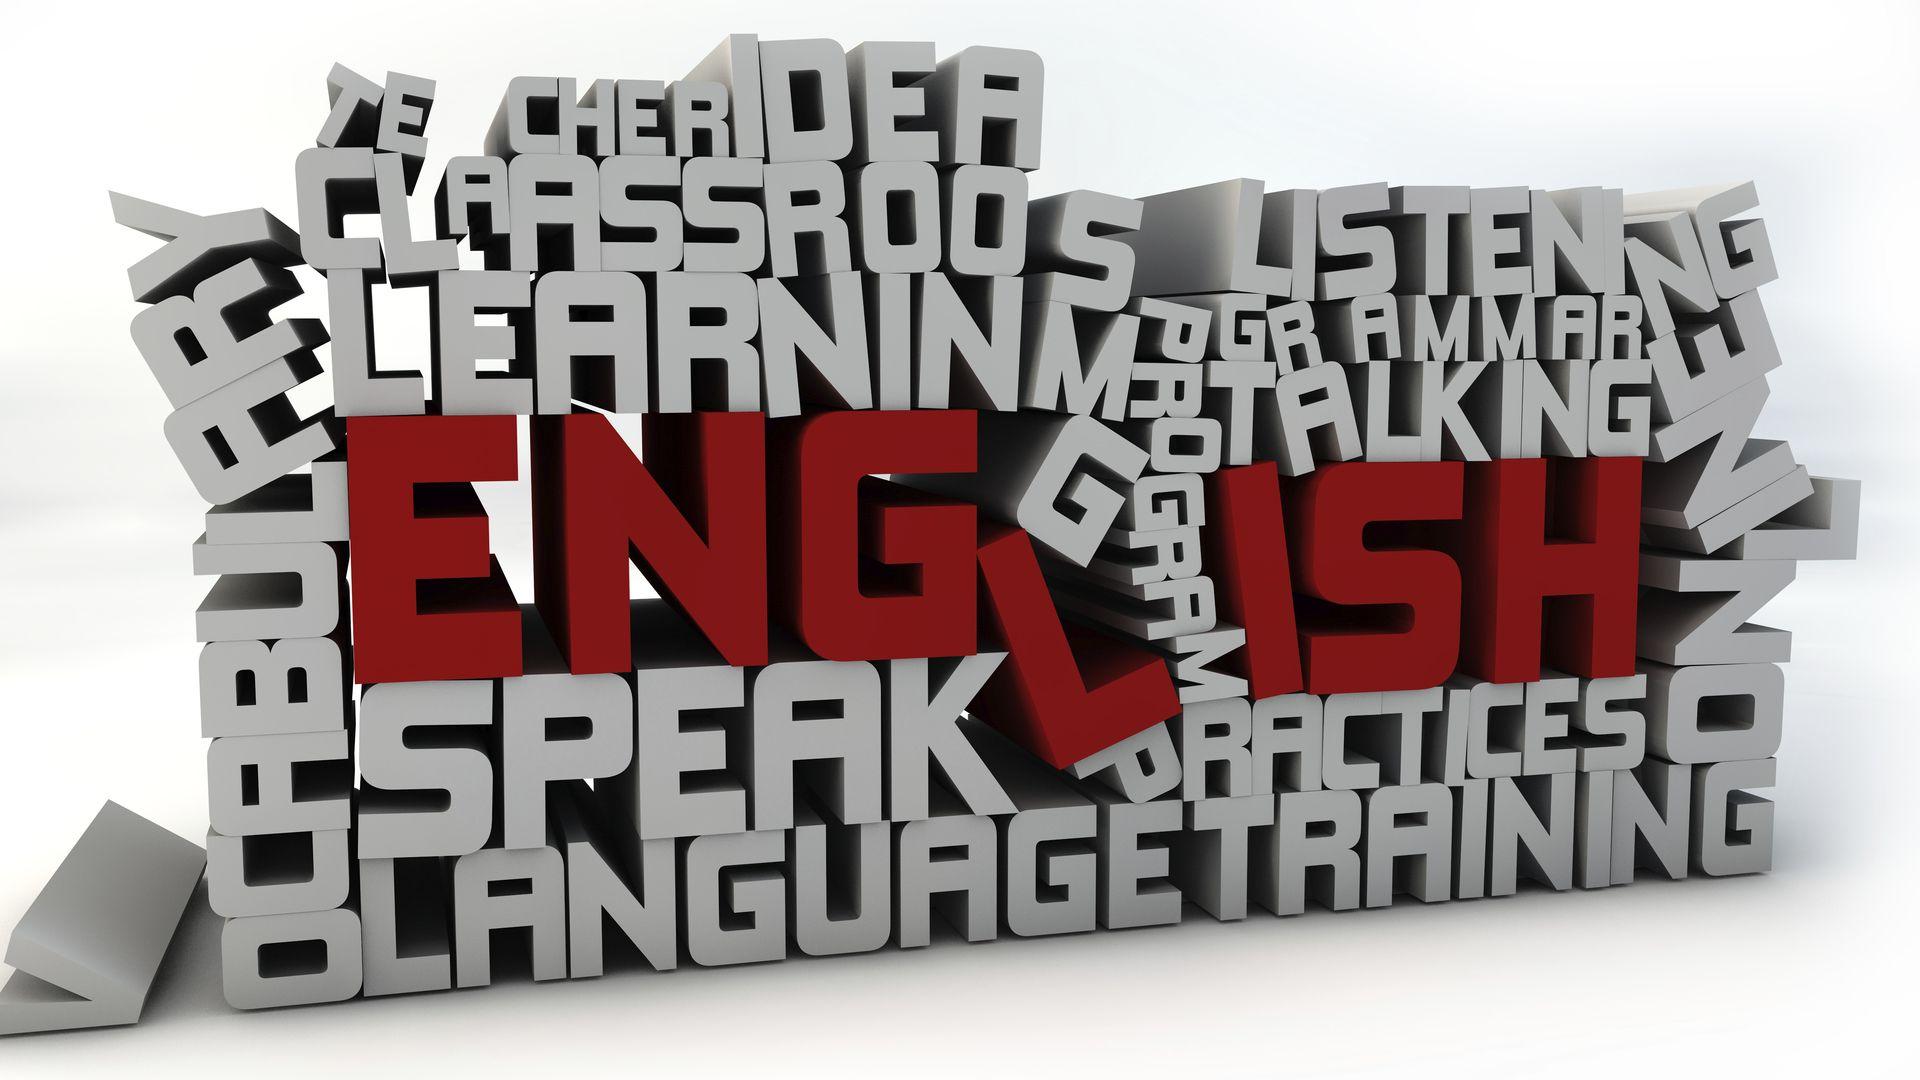 Descubre nuestros cursos de inglés, ¡tenemos plazas libres en todos los niveles!